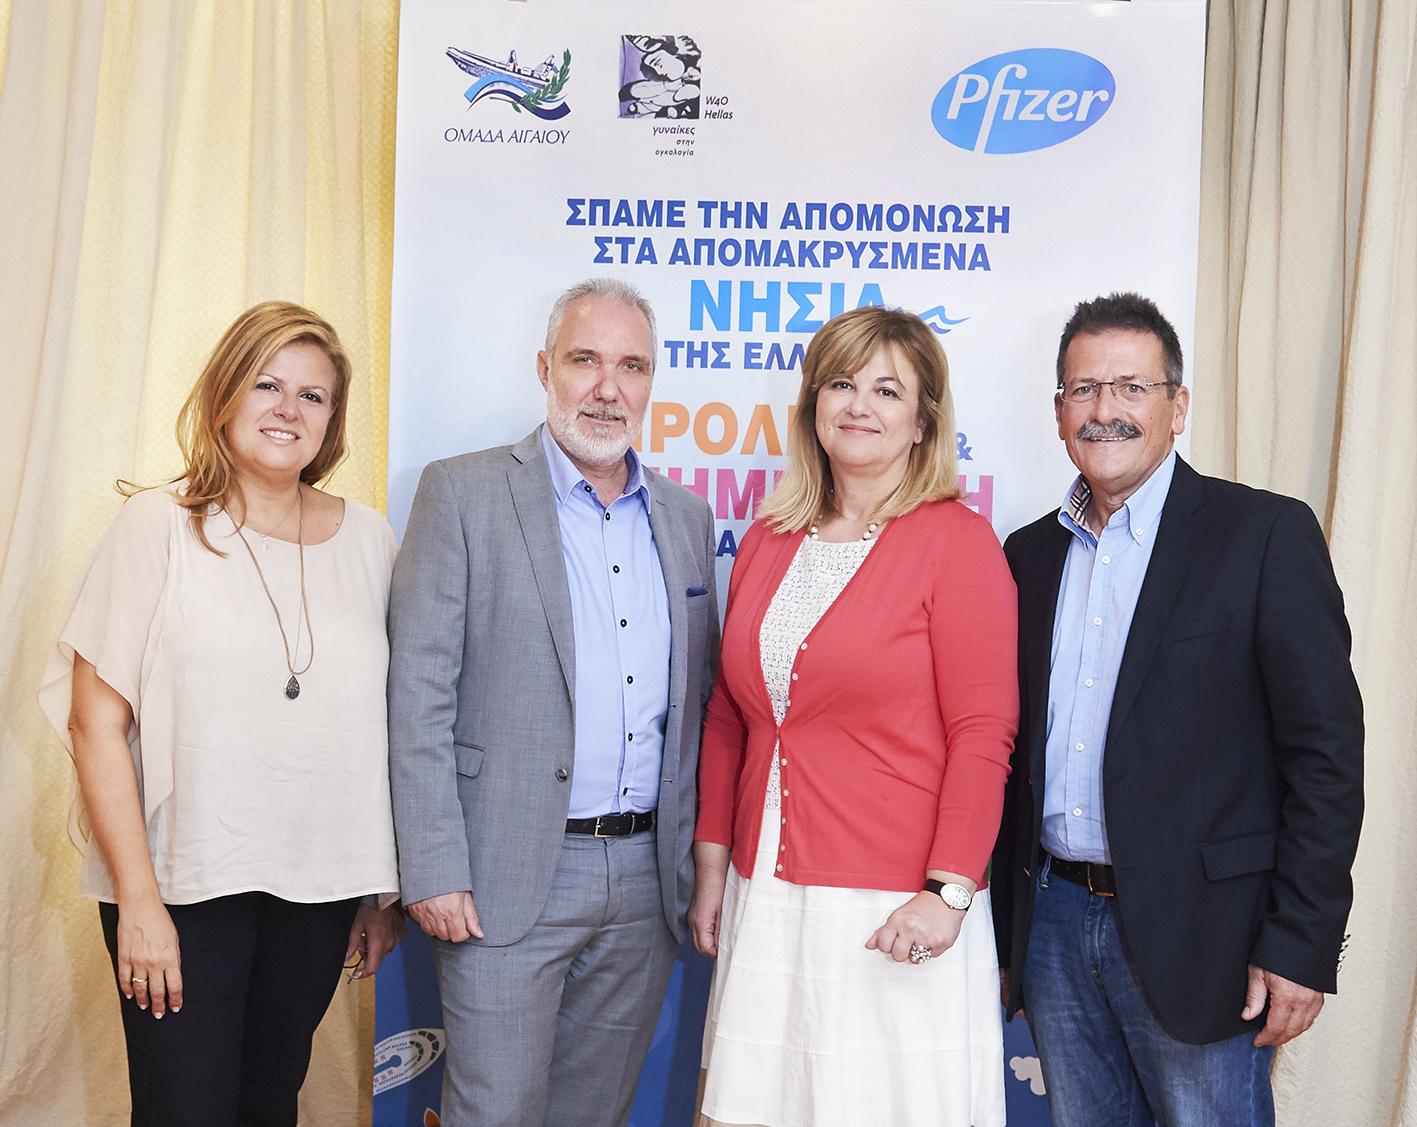 Η Pfizer Hellas ενώνει τις δυνάμεις της με την «Ομάδα Αιγαίου»